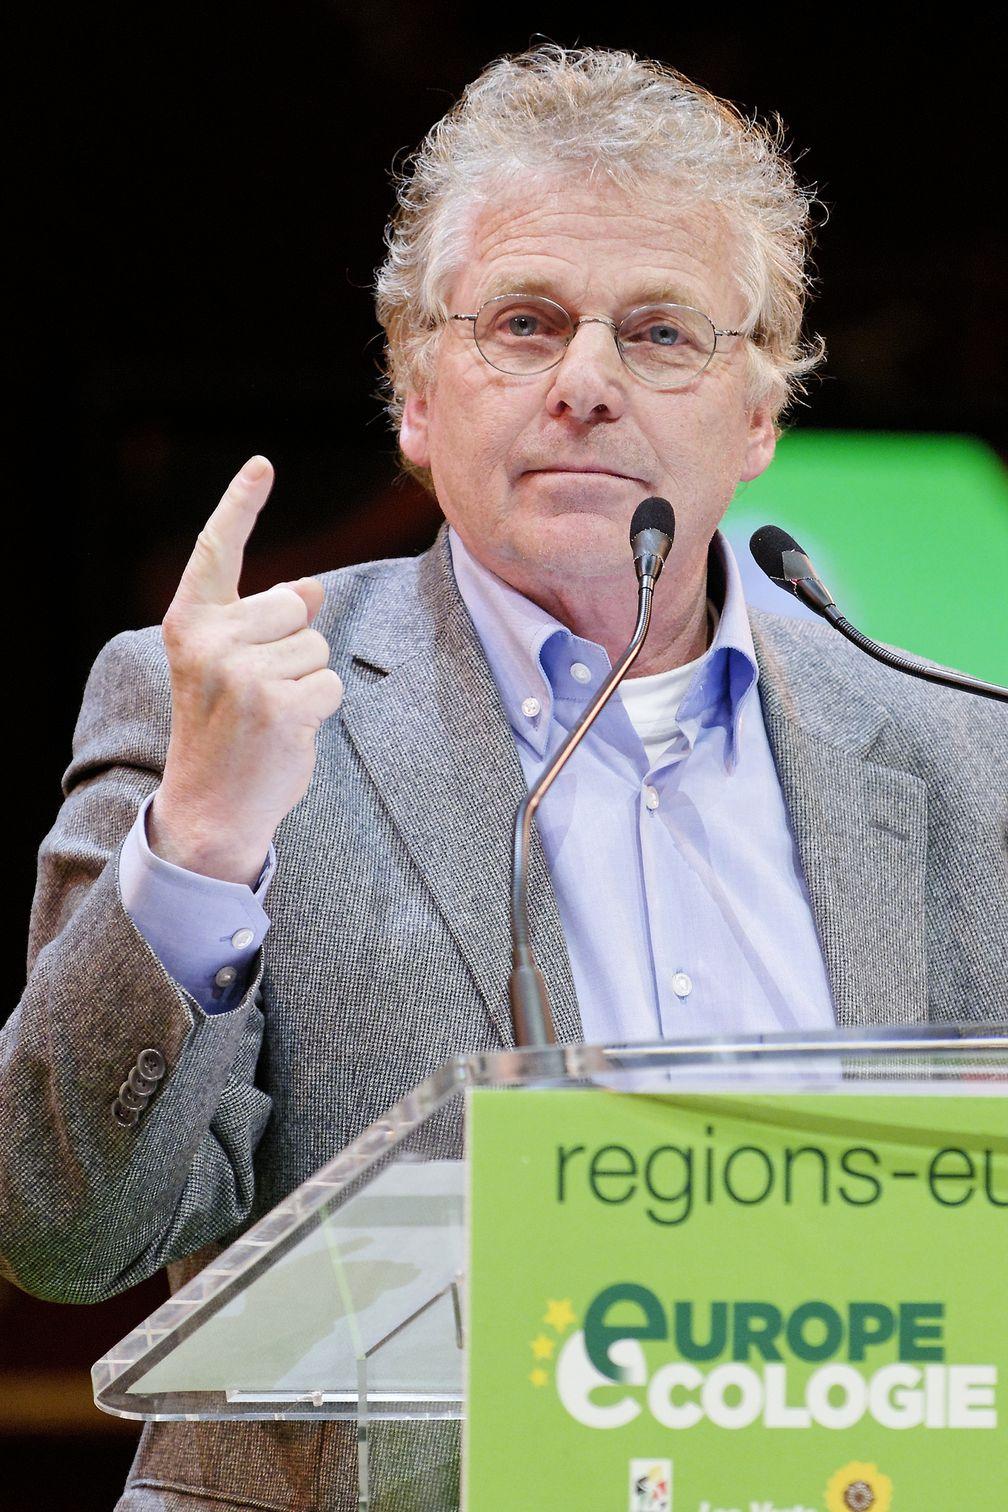 Daniel Cohn-Bendit (2010)